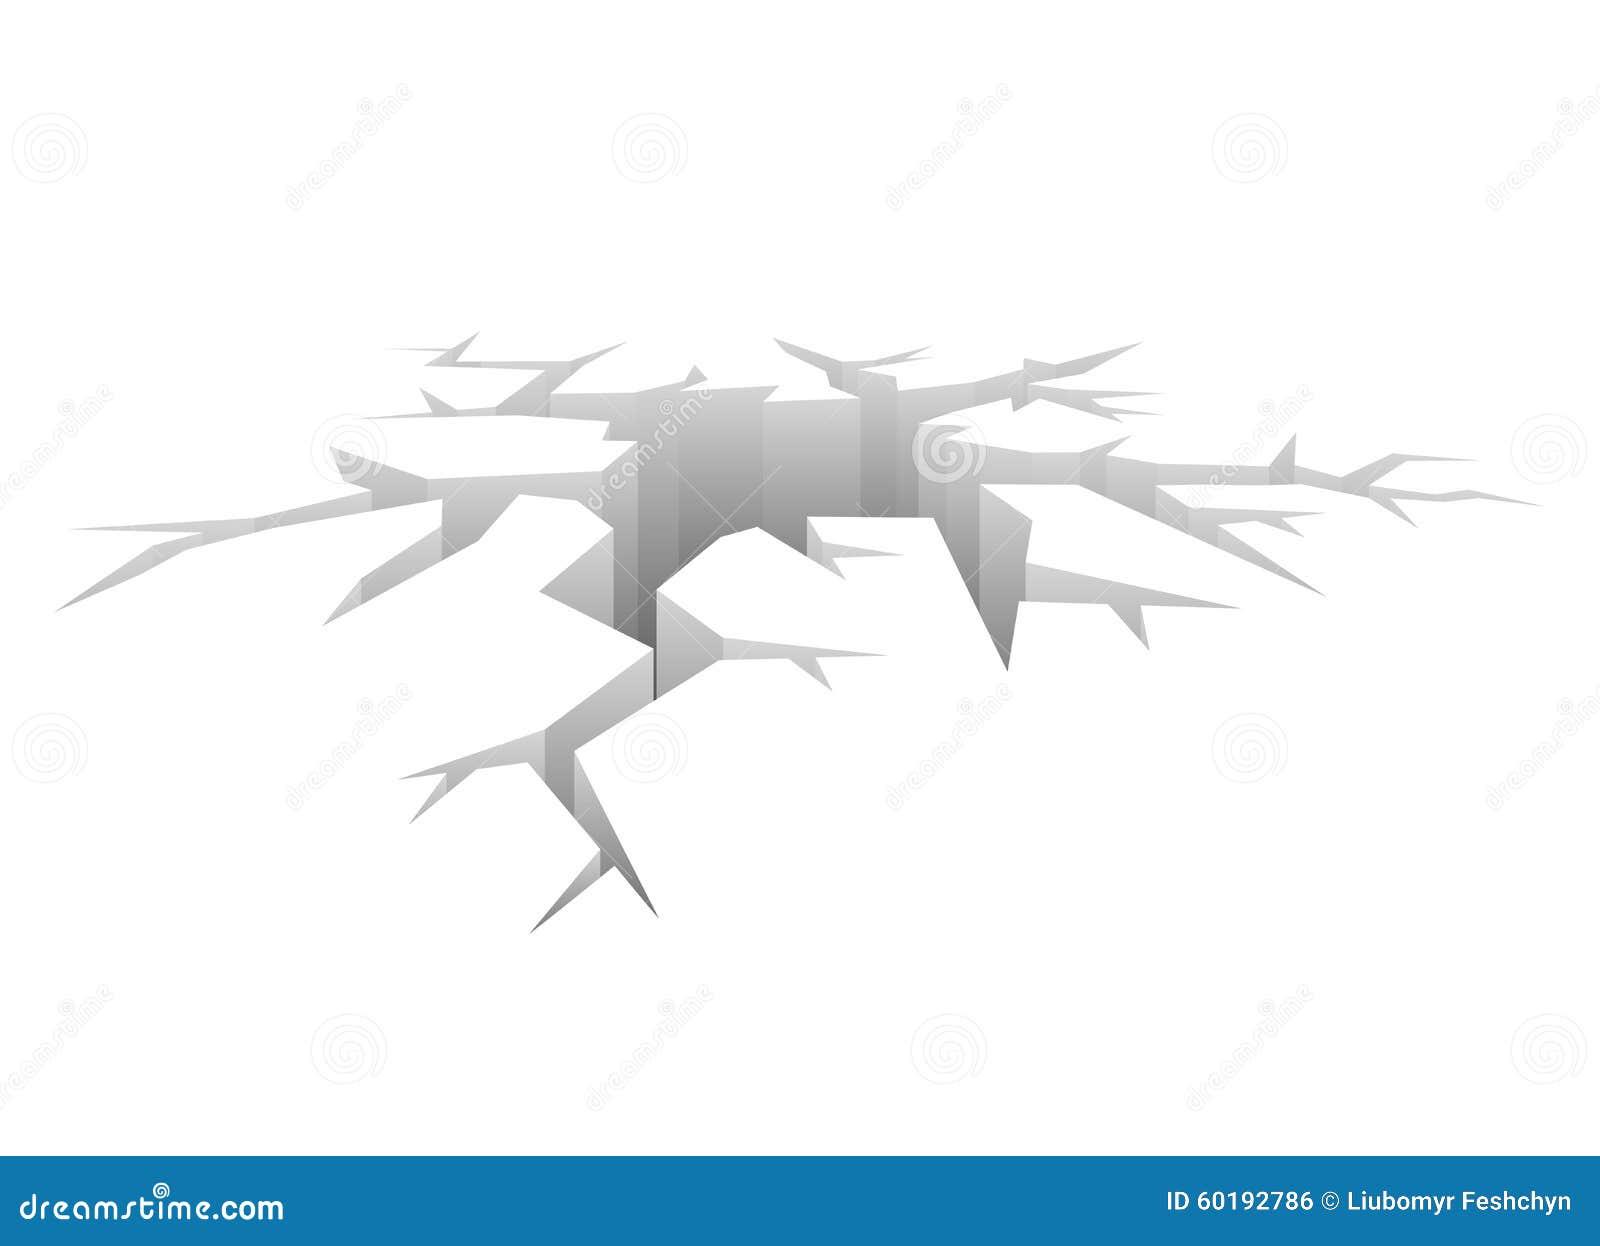 Διανυσματική ρωγμή Σχεδιασμένη τρύπα Άσπρο υπόβαθρο έννοιας συντριβής